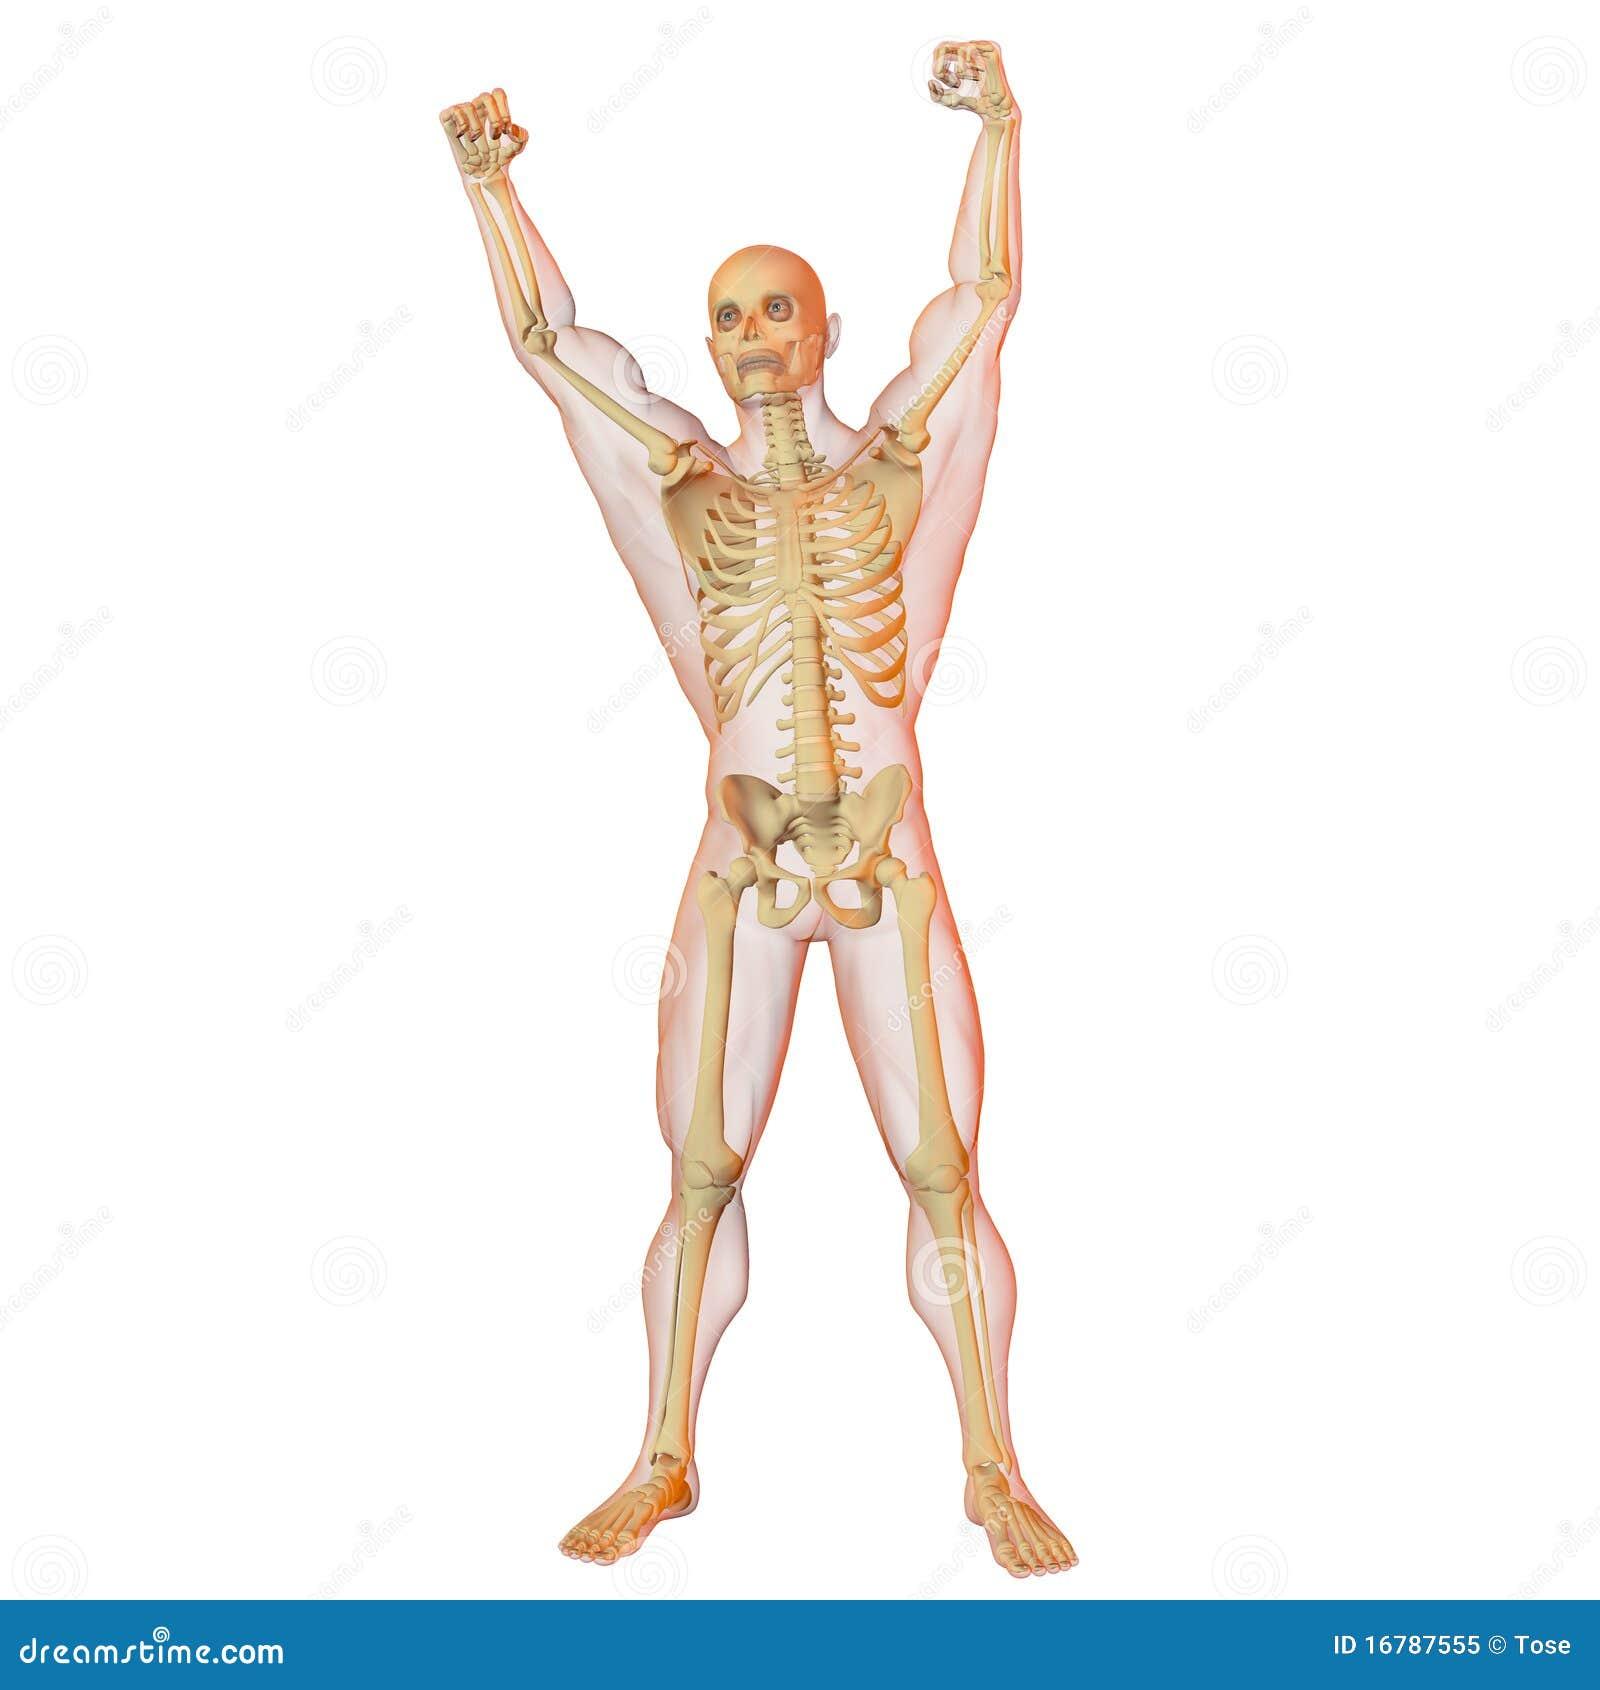 De illustratie van de röntgenstraal van mannelijk menselijk lichaam ...: nl.dreamstime.com/royalty-vrije-stock-foto-mannelijk-menselijk...